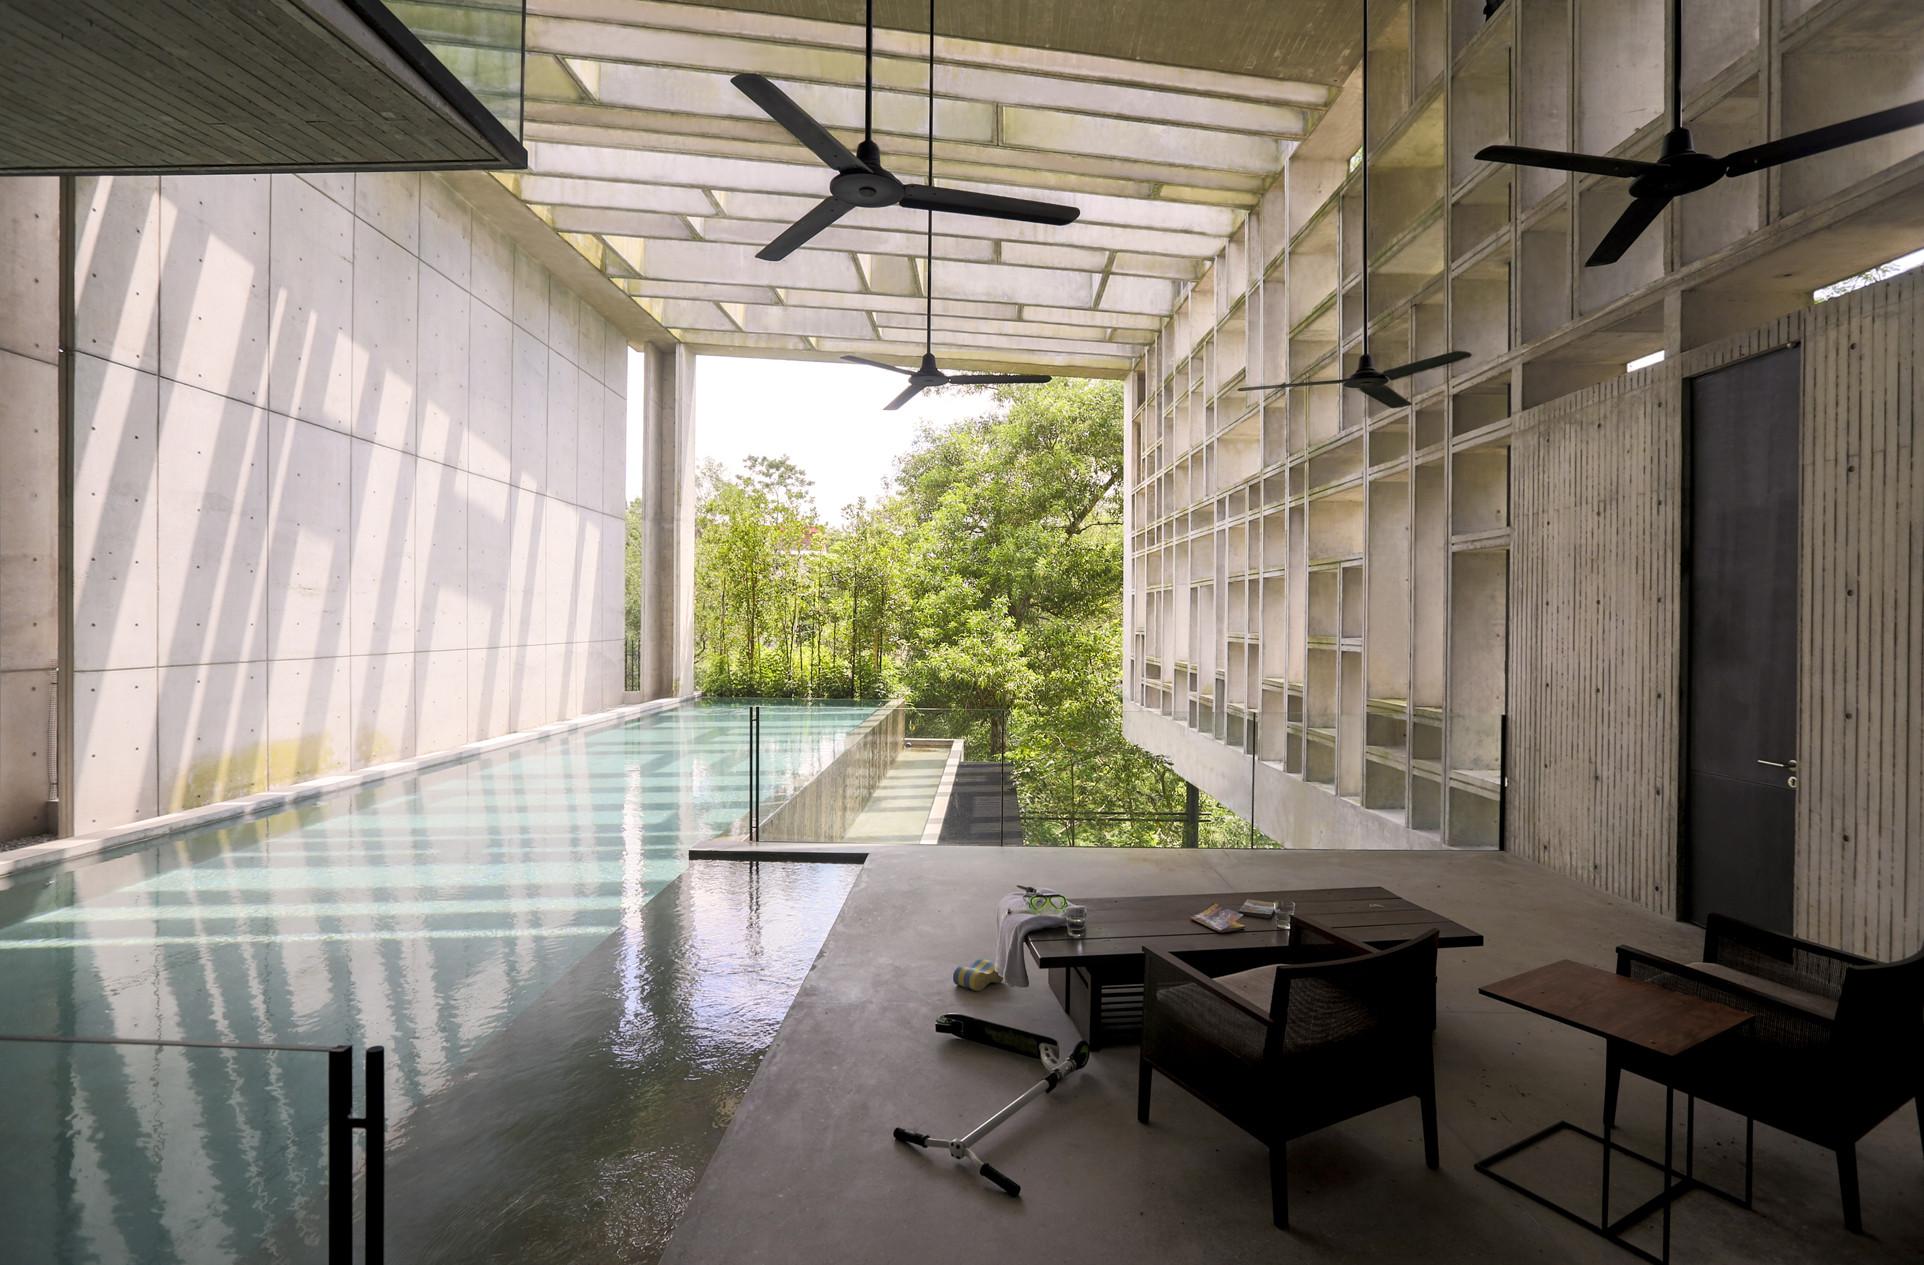 Galeria De Residência Caixa Tropical / WHBC Architects